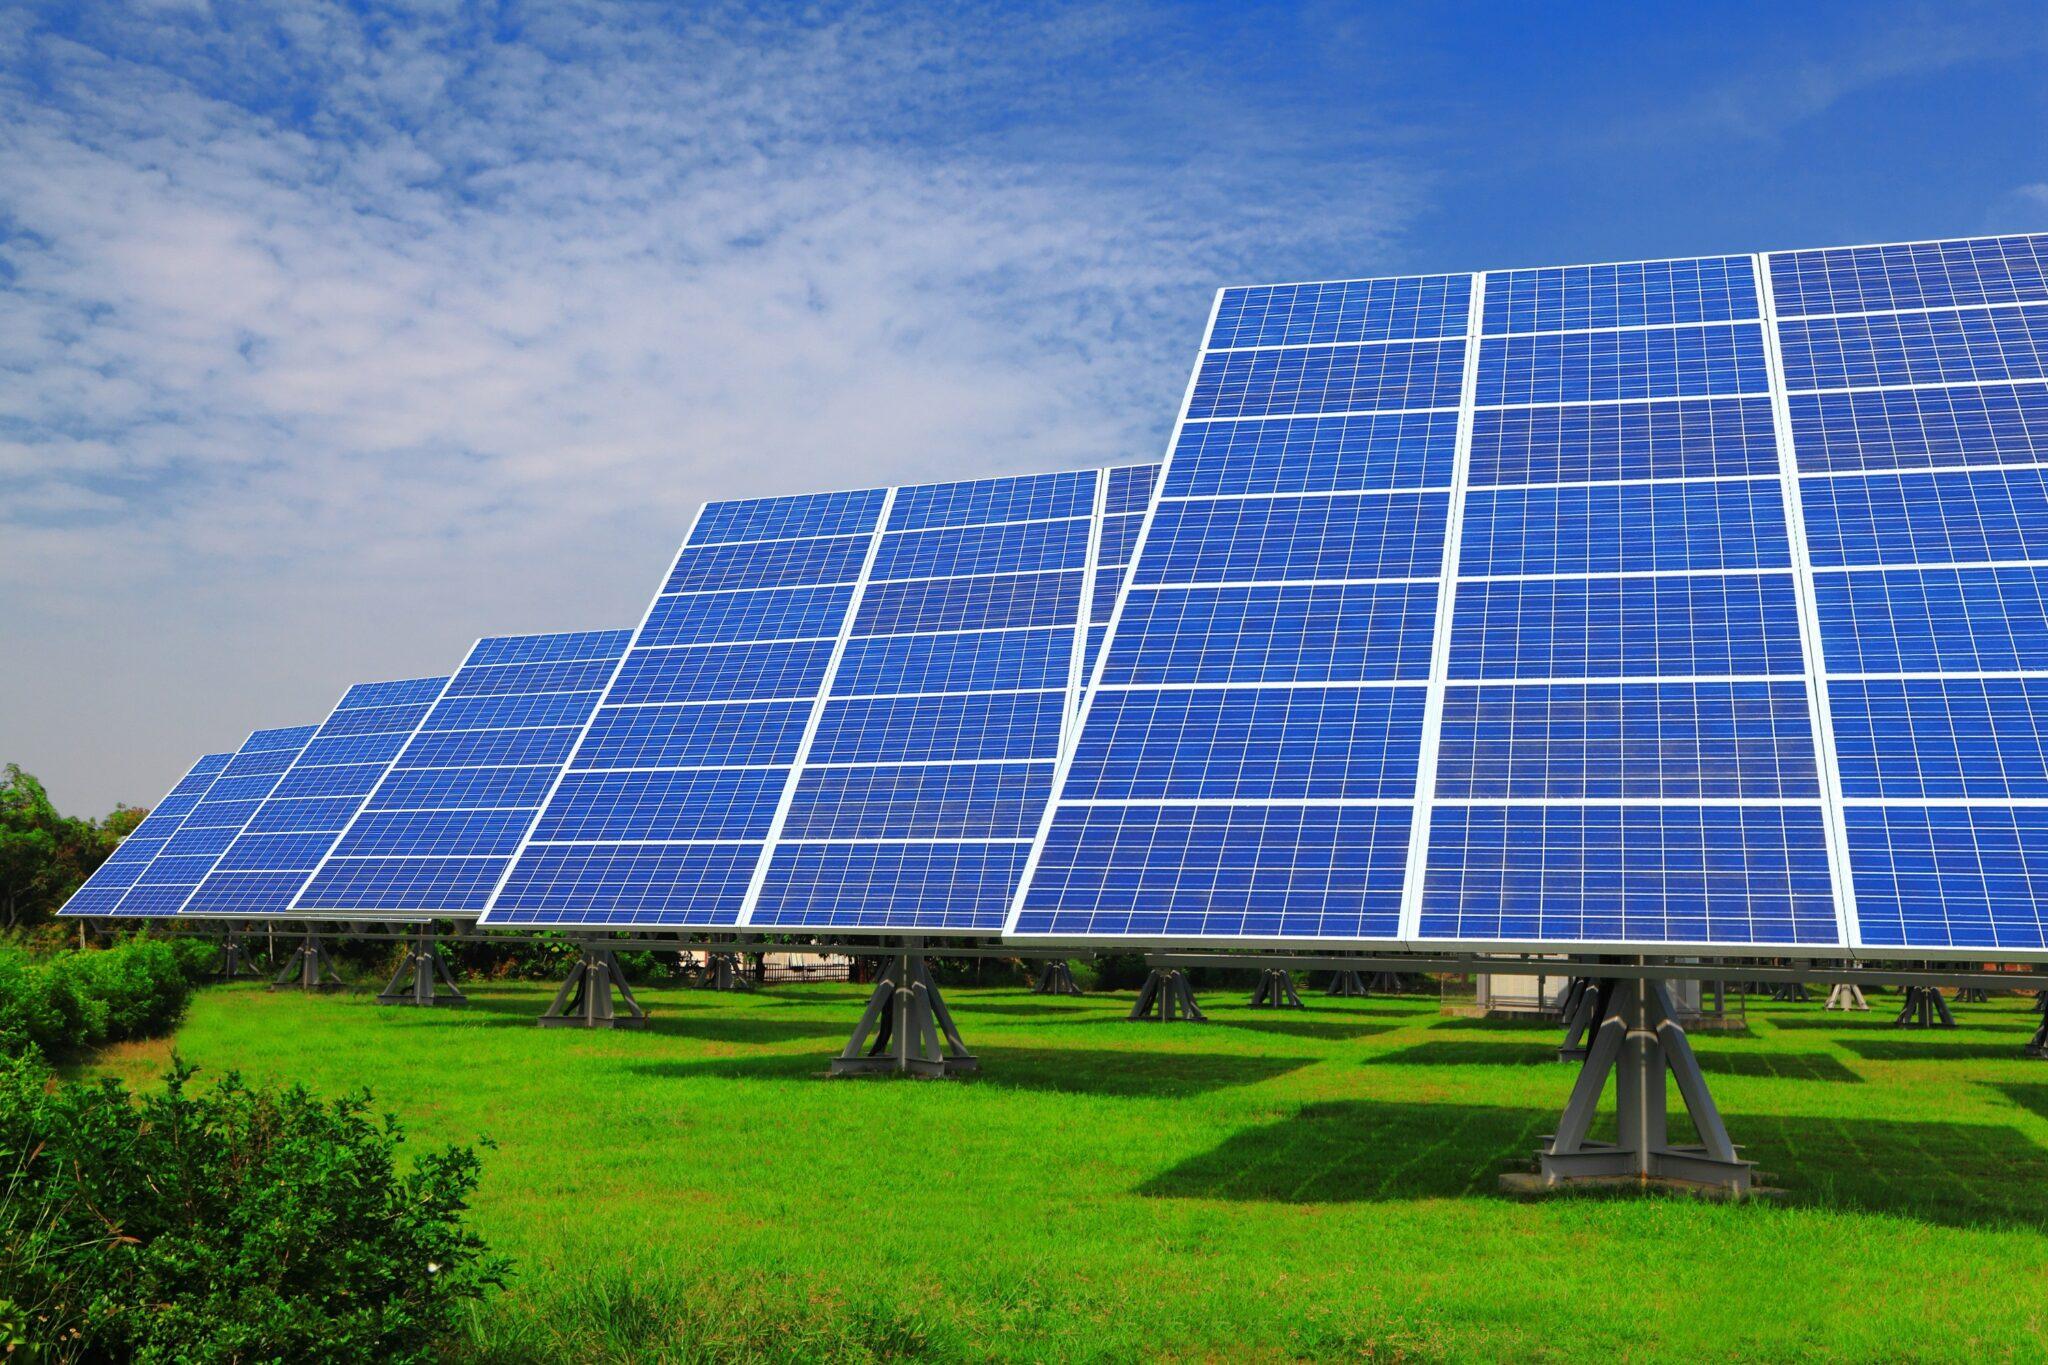 В Украине готовятся ввести зеленые аукционы для новых поставщиков экологичных киловатт 7